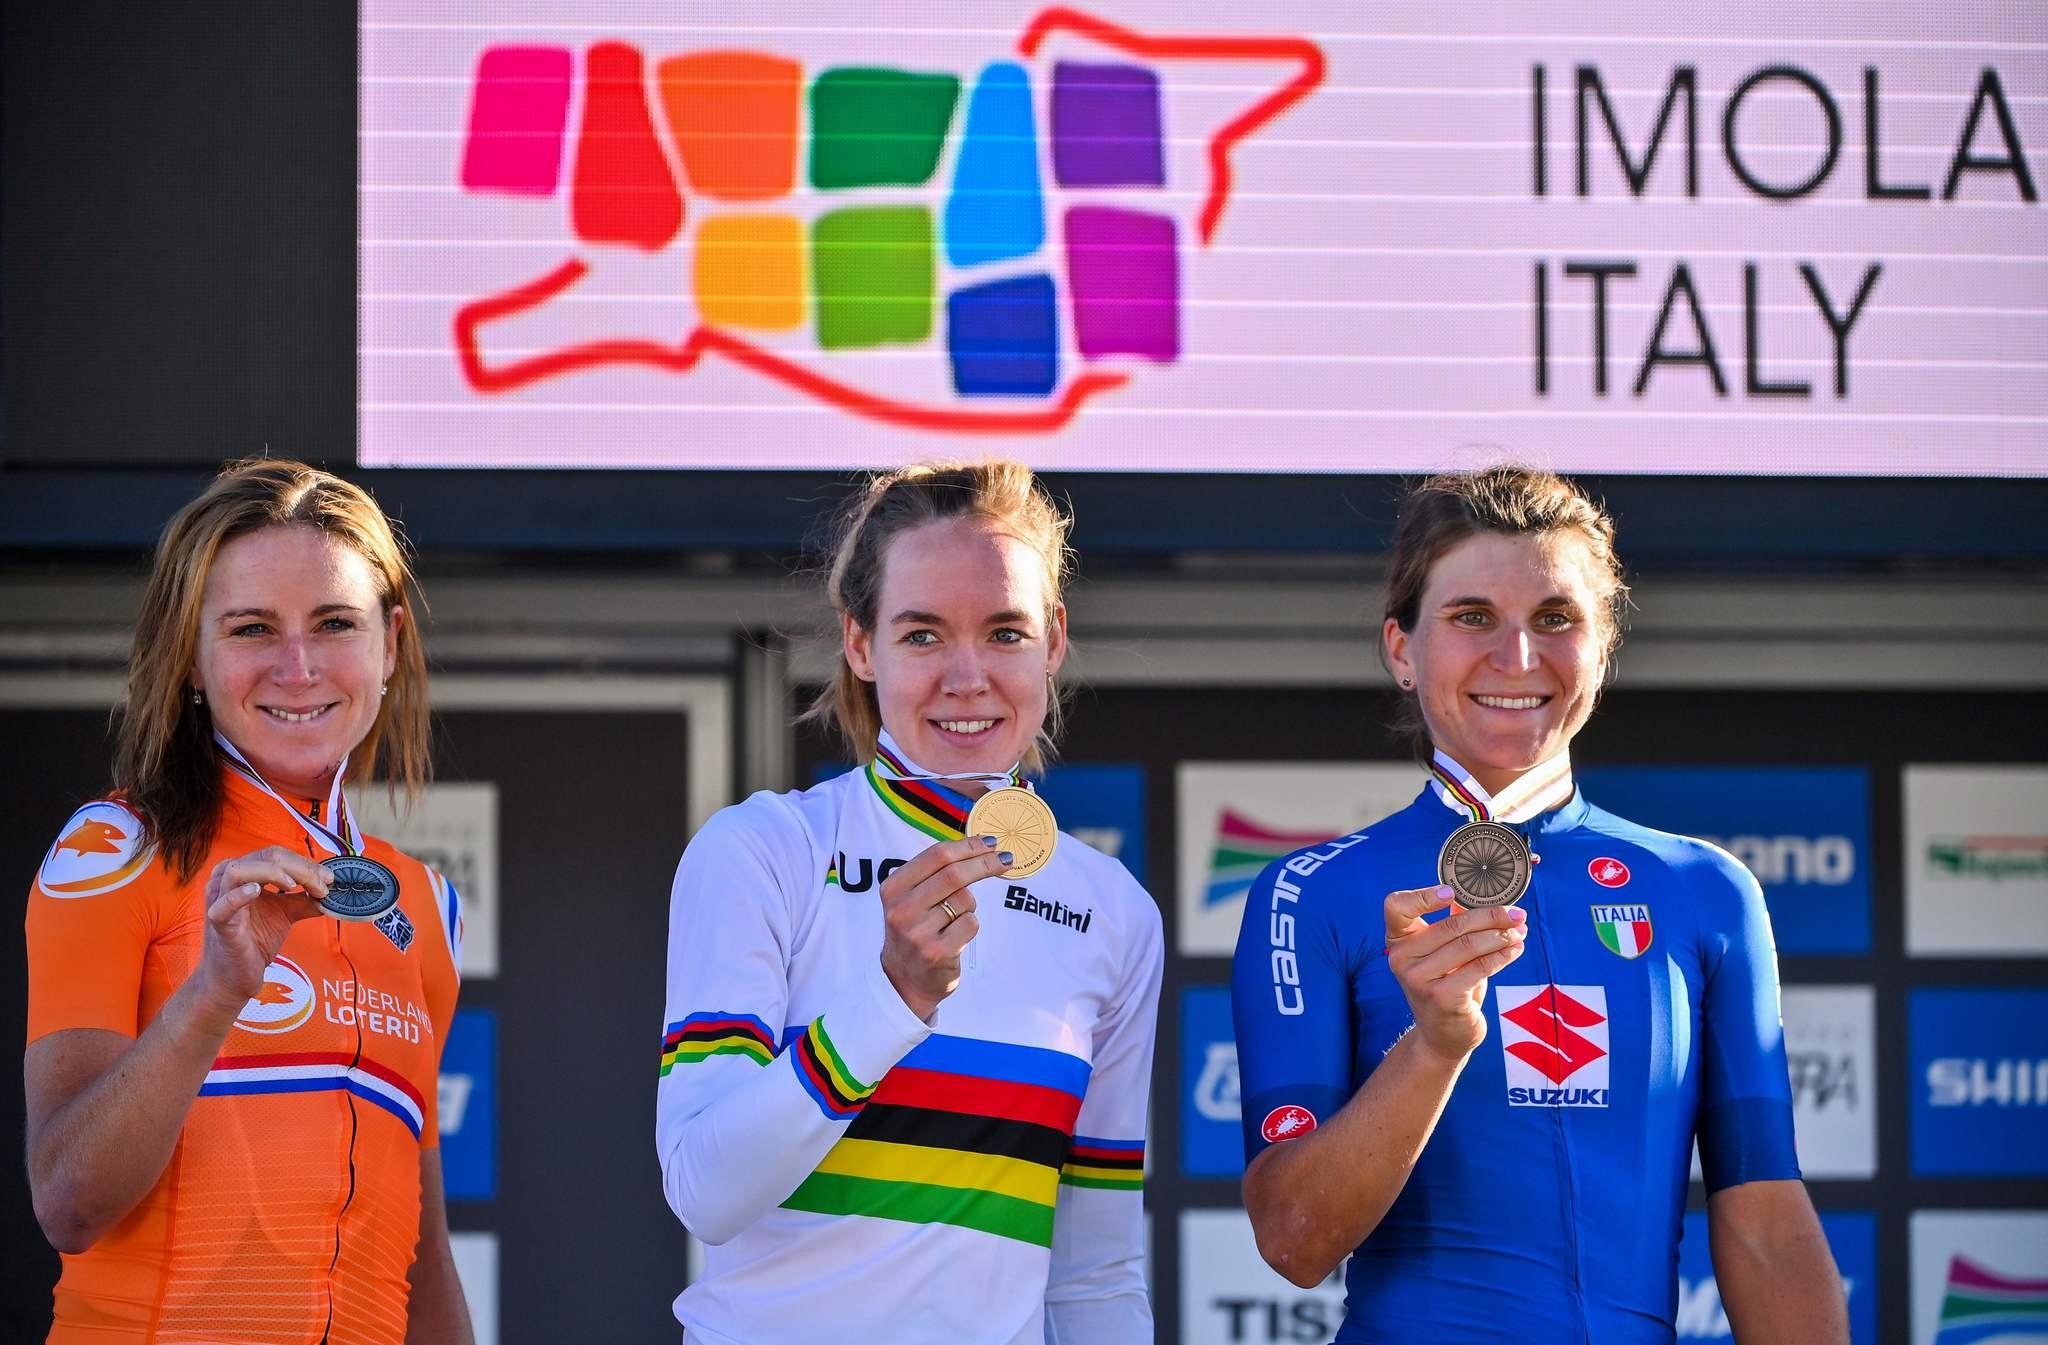 Mundial de ciclismo 2020: Anna van der Breggen perpetúa el reinado neerlandés en el mundial | Marca.com